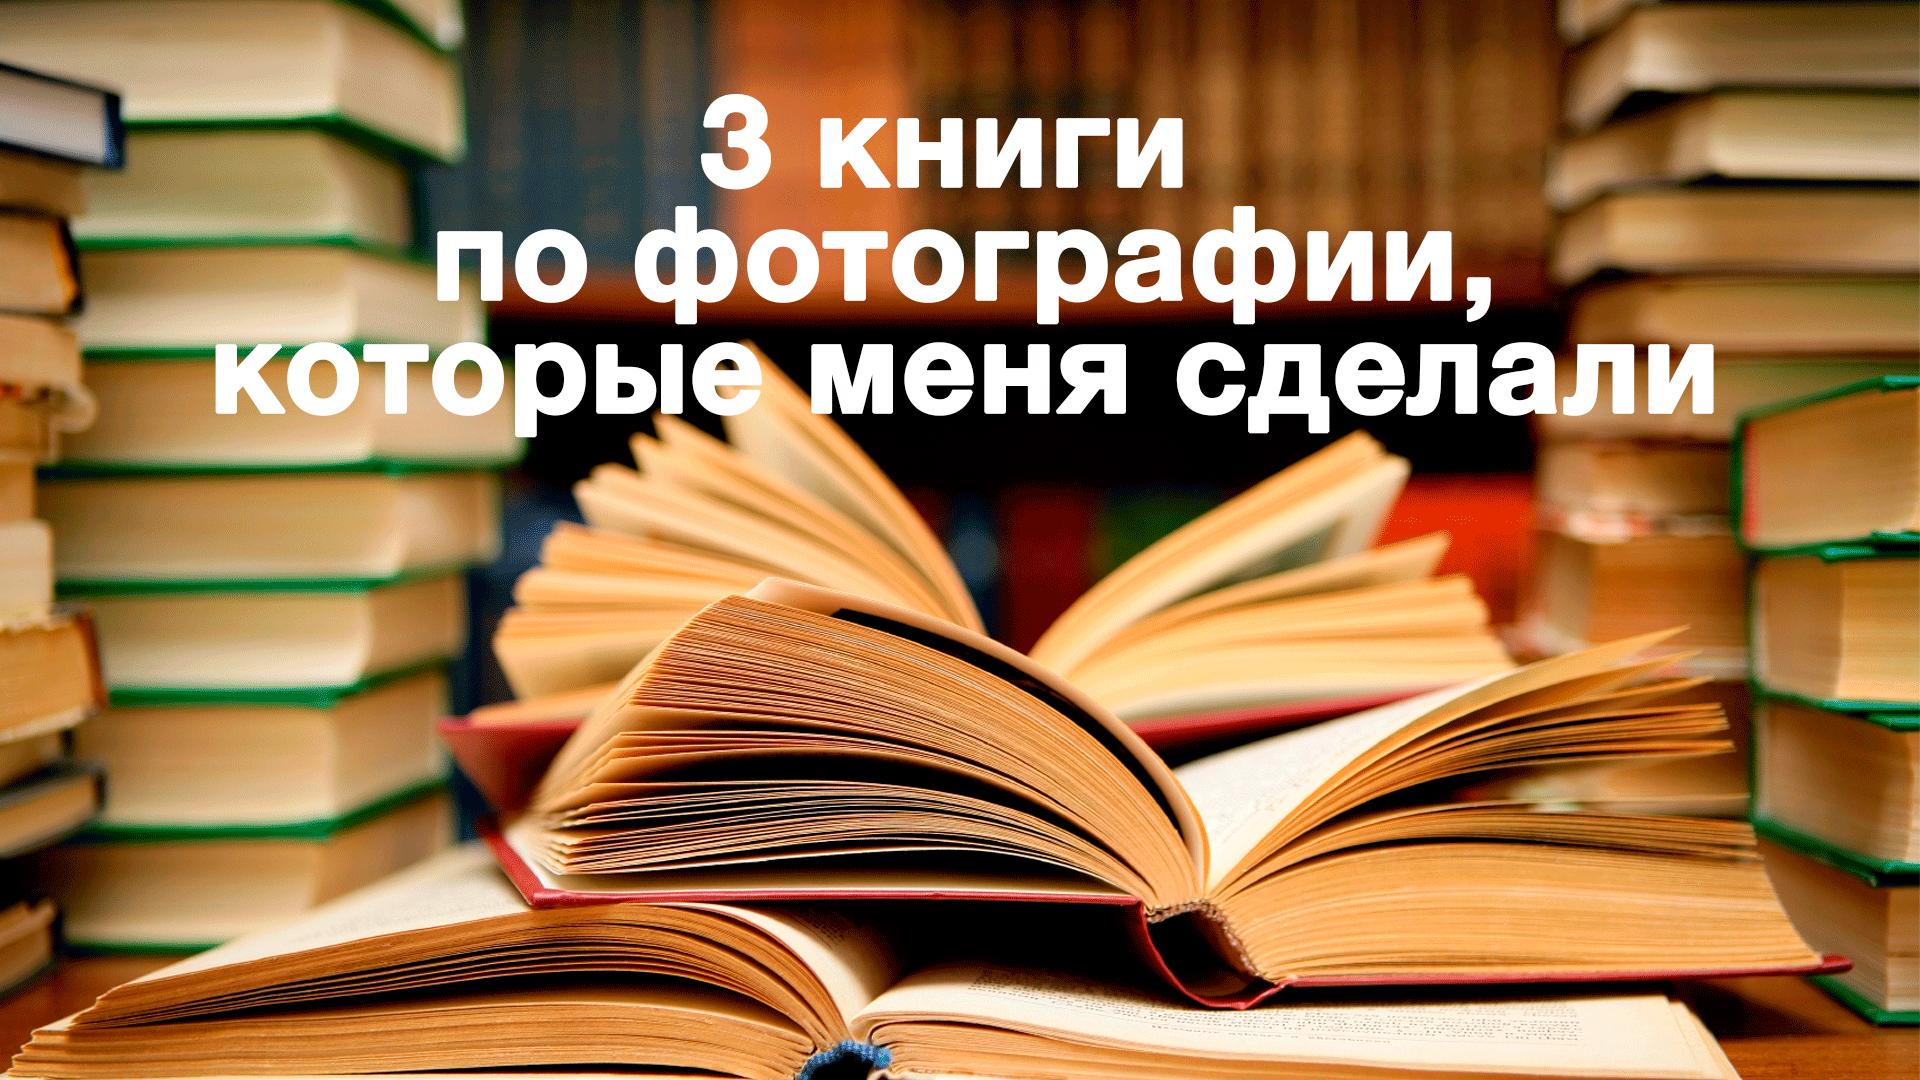 3 книги по фотографии, которые нужно прочитать